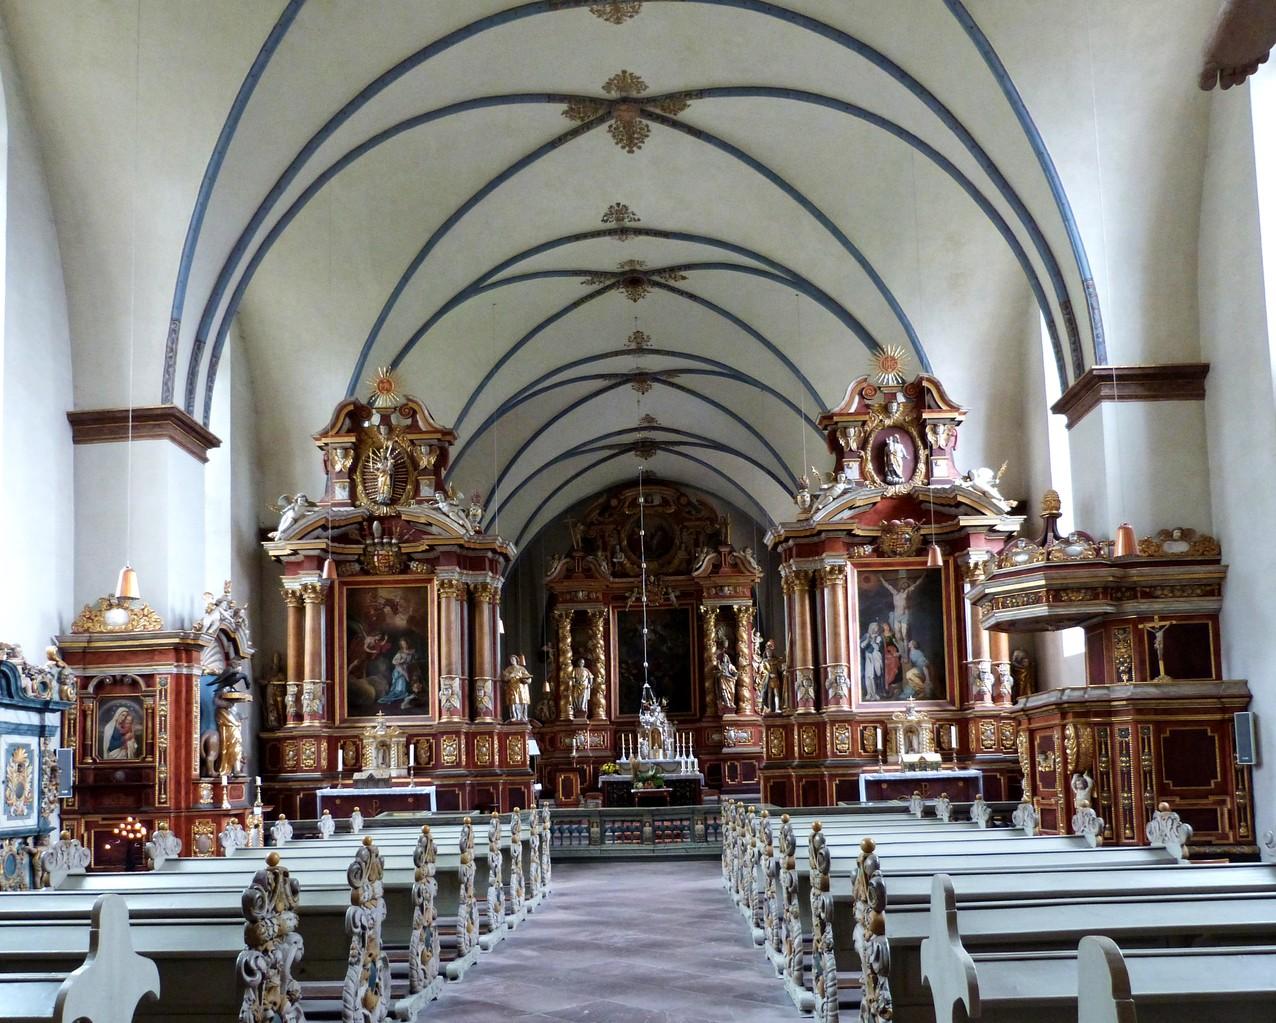 Innenansicht mit Blick auf den Altar und Darstellung der Gewölbe im Kirchenschiff